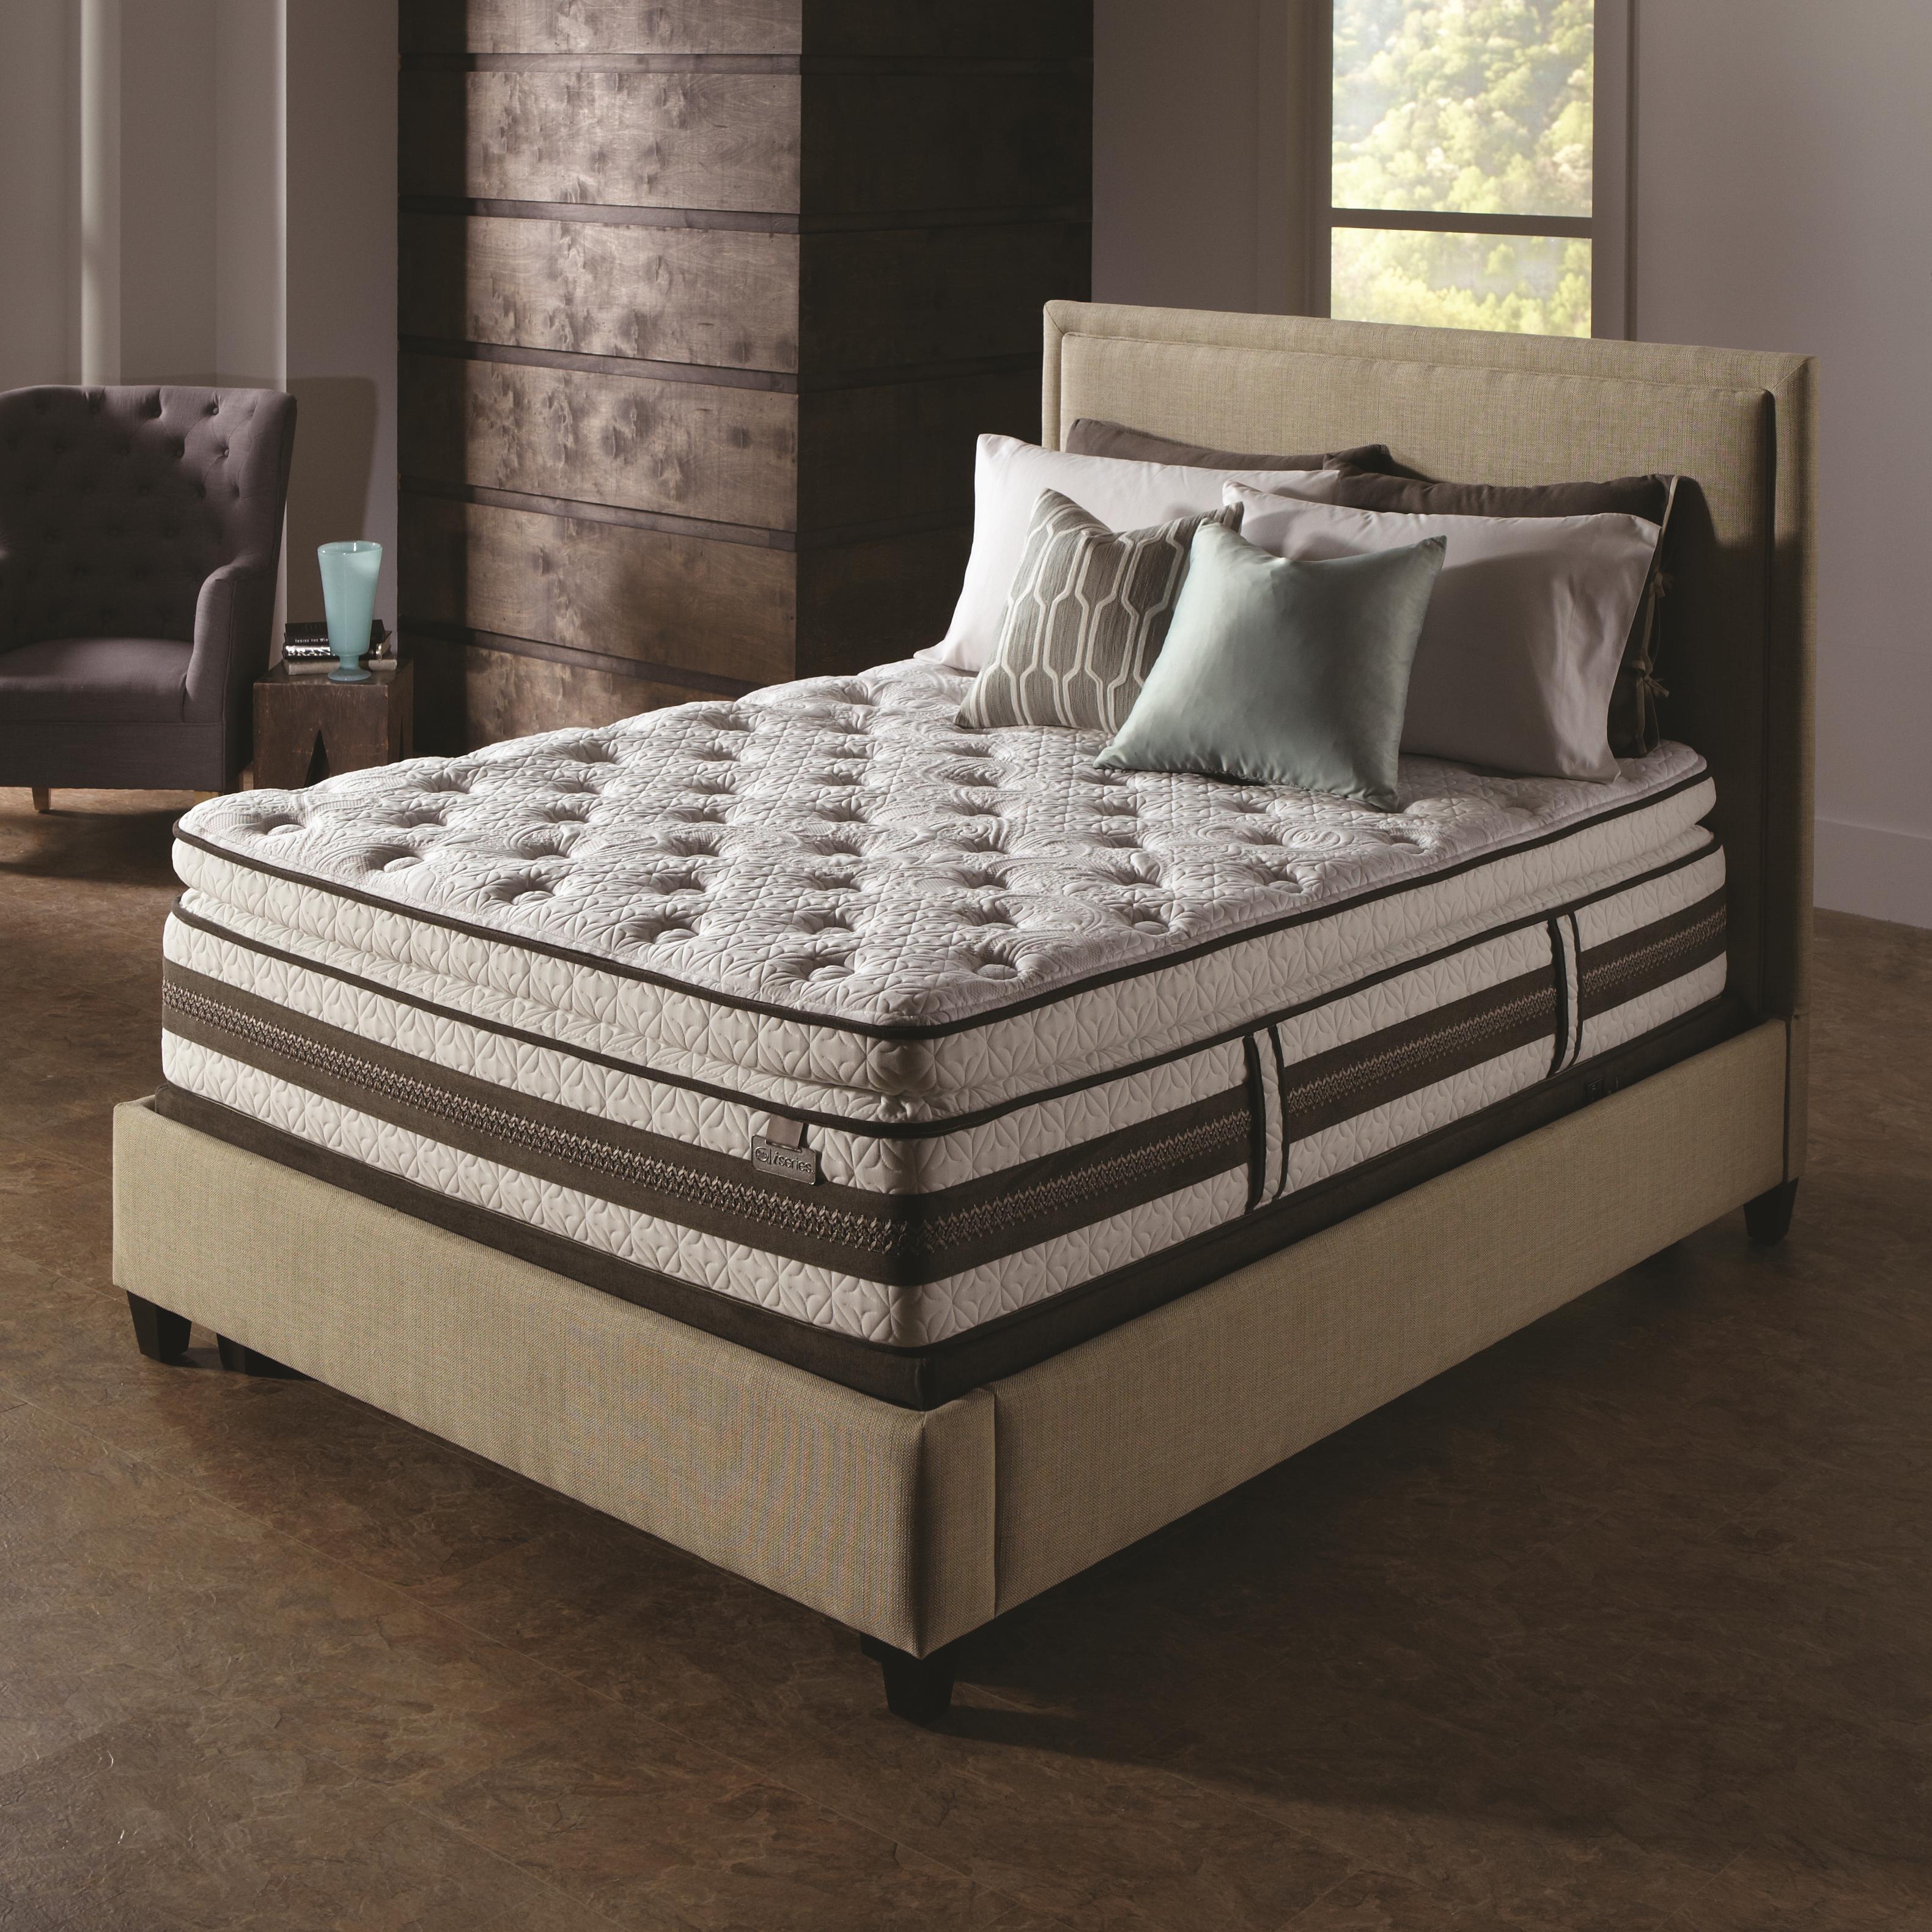 Serta iSeries Profiles Honoree Twin XL Super Pillow Top Mattress Set - Item Number: 400833TXL+824399TXL